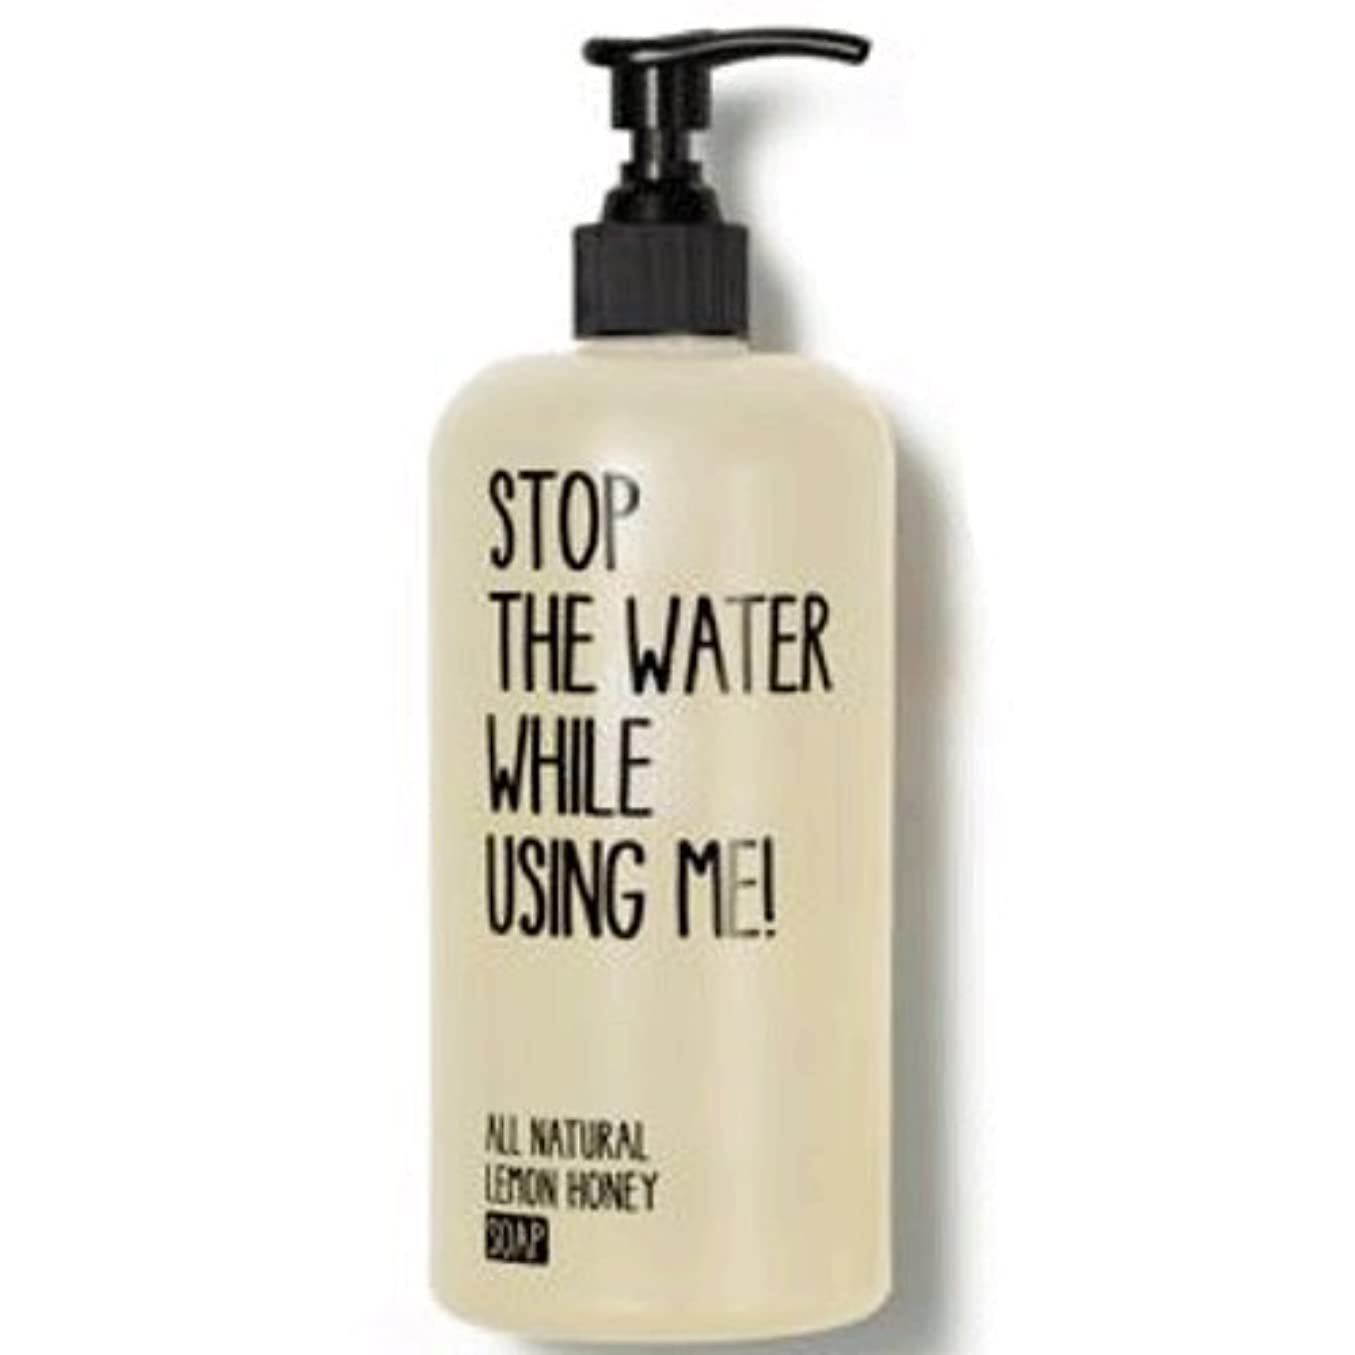 群集展開する抑制【STOP THE WATER WHILE USING ME!】L&Hソープ(レモン&ハニー) 500ml [並行輸入品]